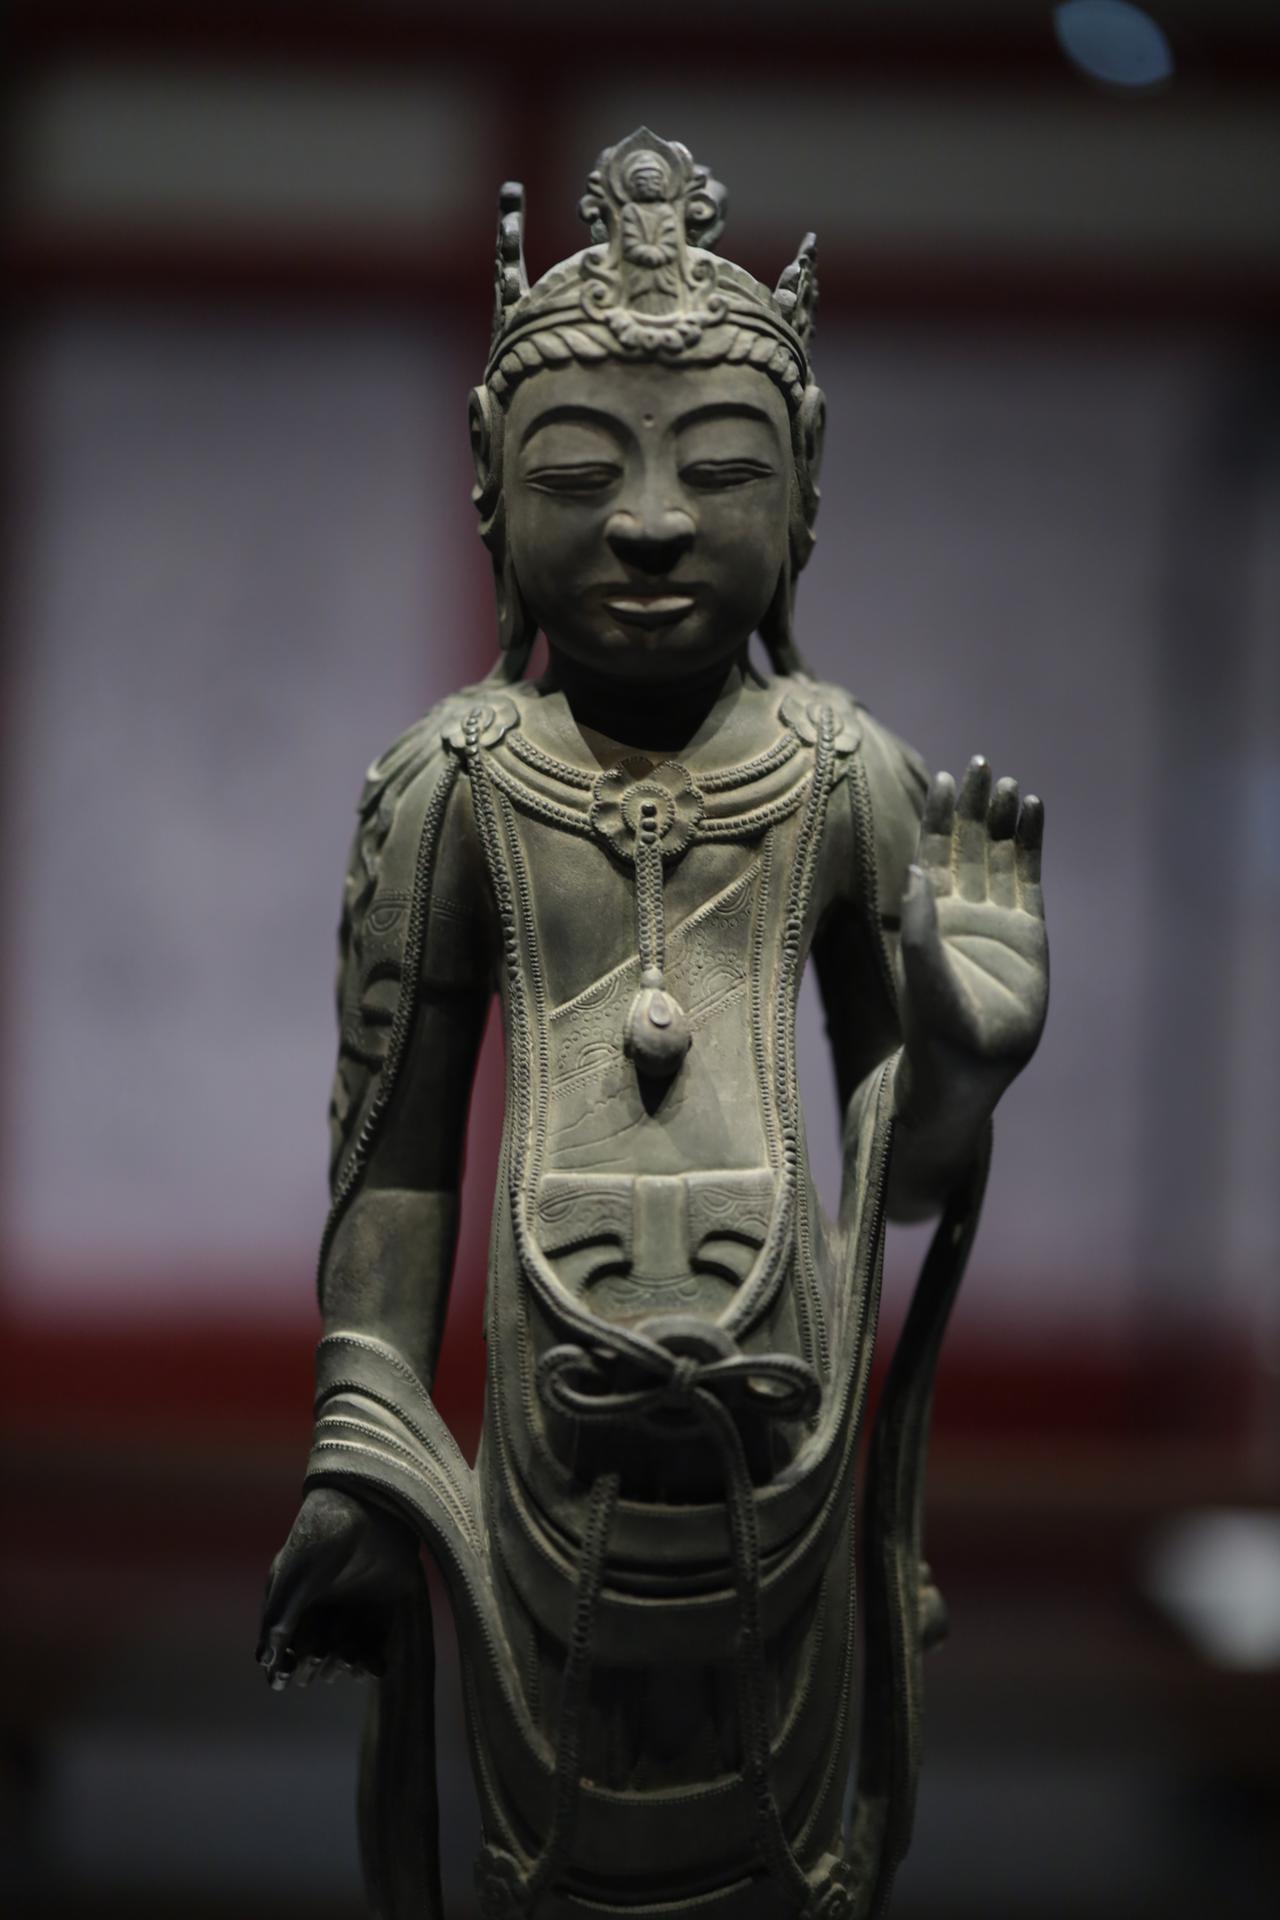 画像: 観音菩薩立像(伝金堂薬師如来像脇侍・左脇侍「月光菩薩」) 飛鳥時代7世紀 かつて薬師如来坐像の両脇に置かれていた金銅の菩薩像で、鎌倉時代にはこの配置になっていたと考えられている。冠に阿弥陀如来の化仏があるので観音菩薩のはずだが、薬師如来の脇侍は月光菩薩・日光菩薩。